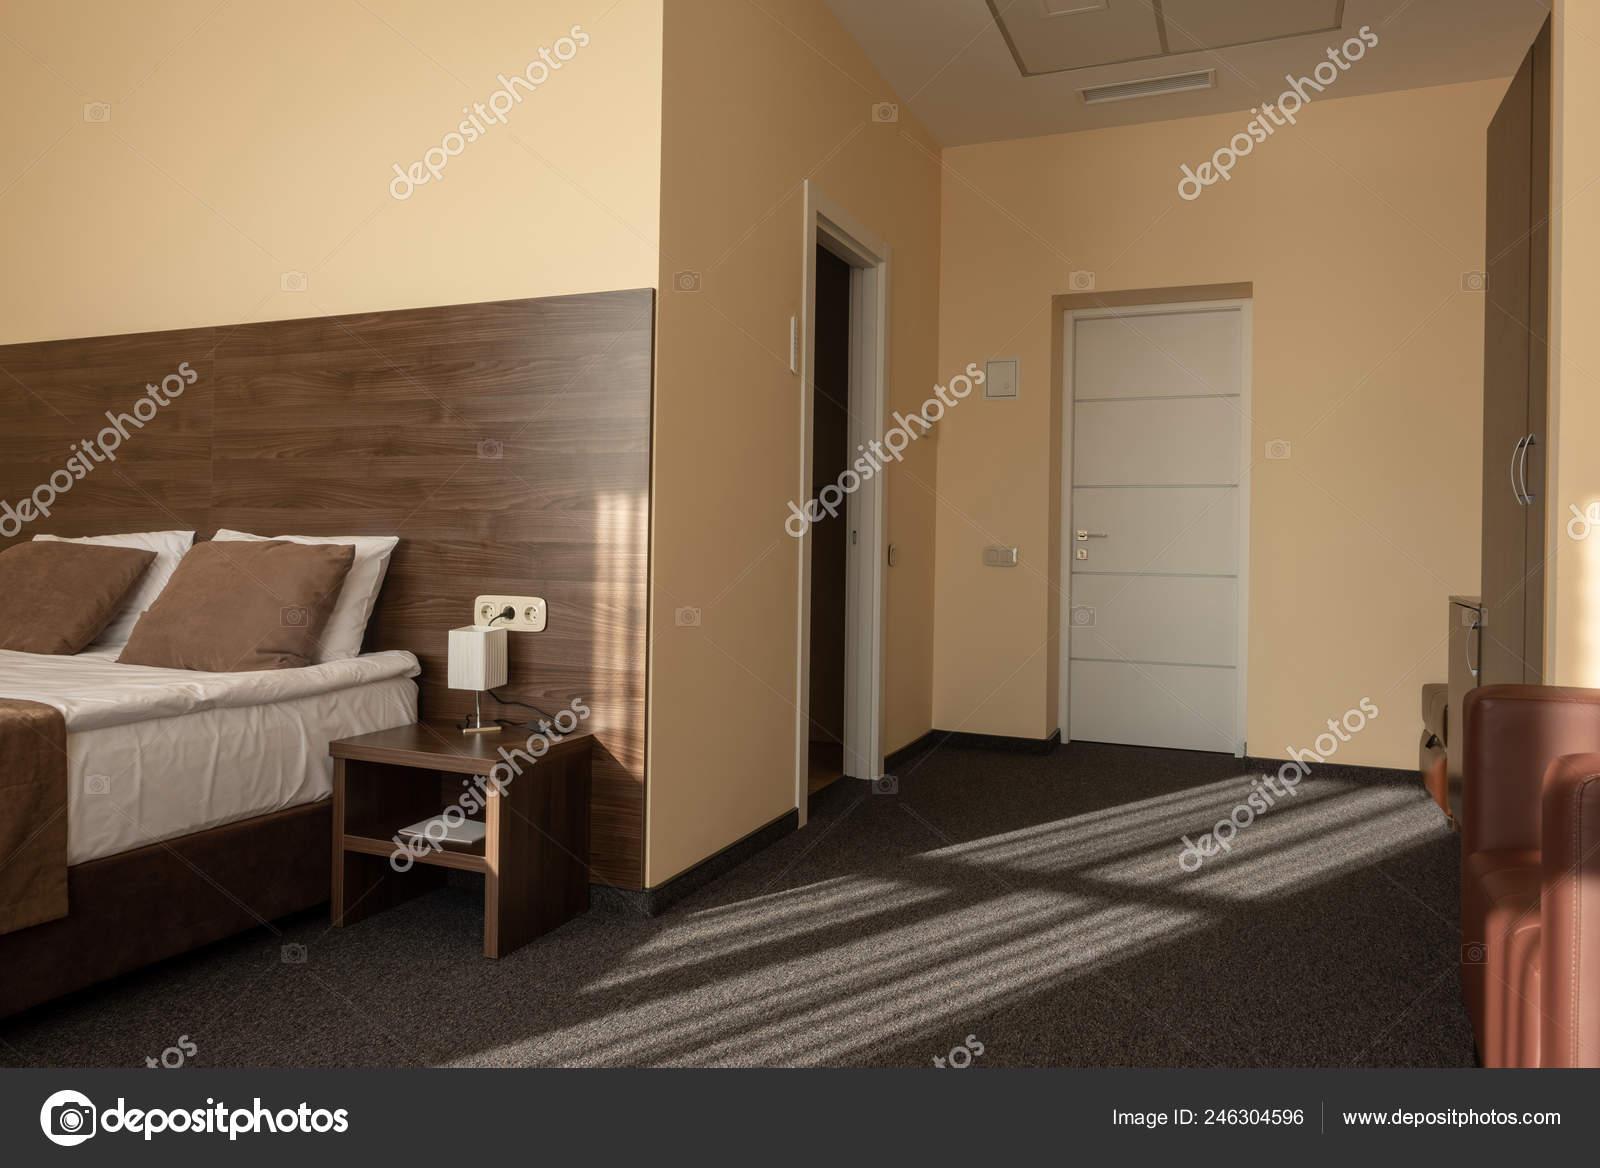 Modernes Interieur Schlafzimmer Mit Bett Brauner Farbe ...